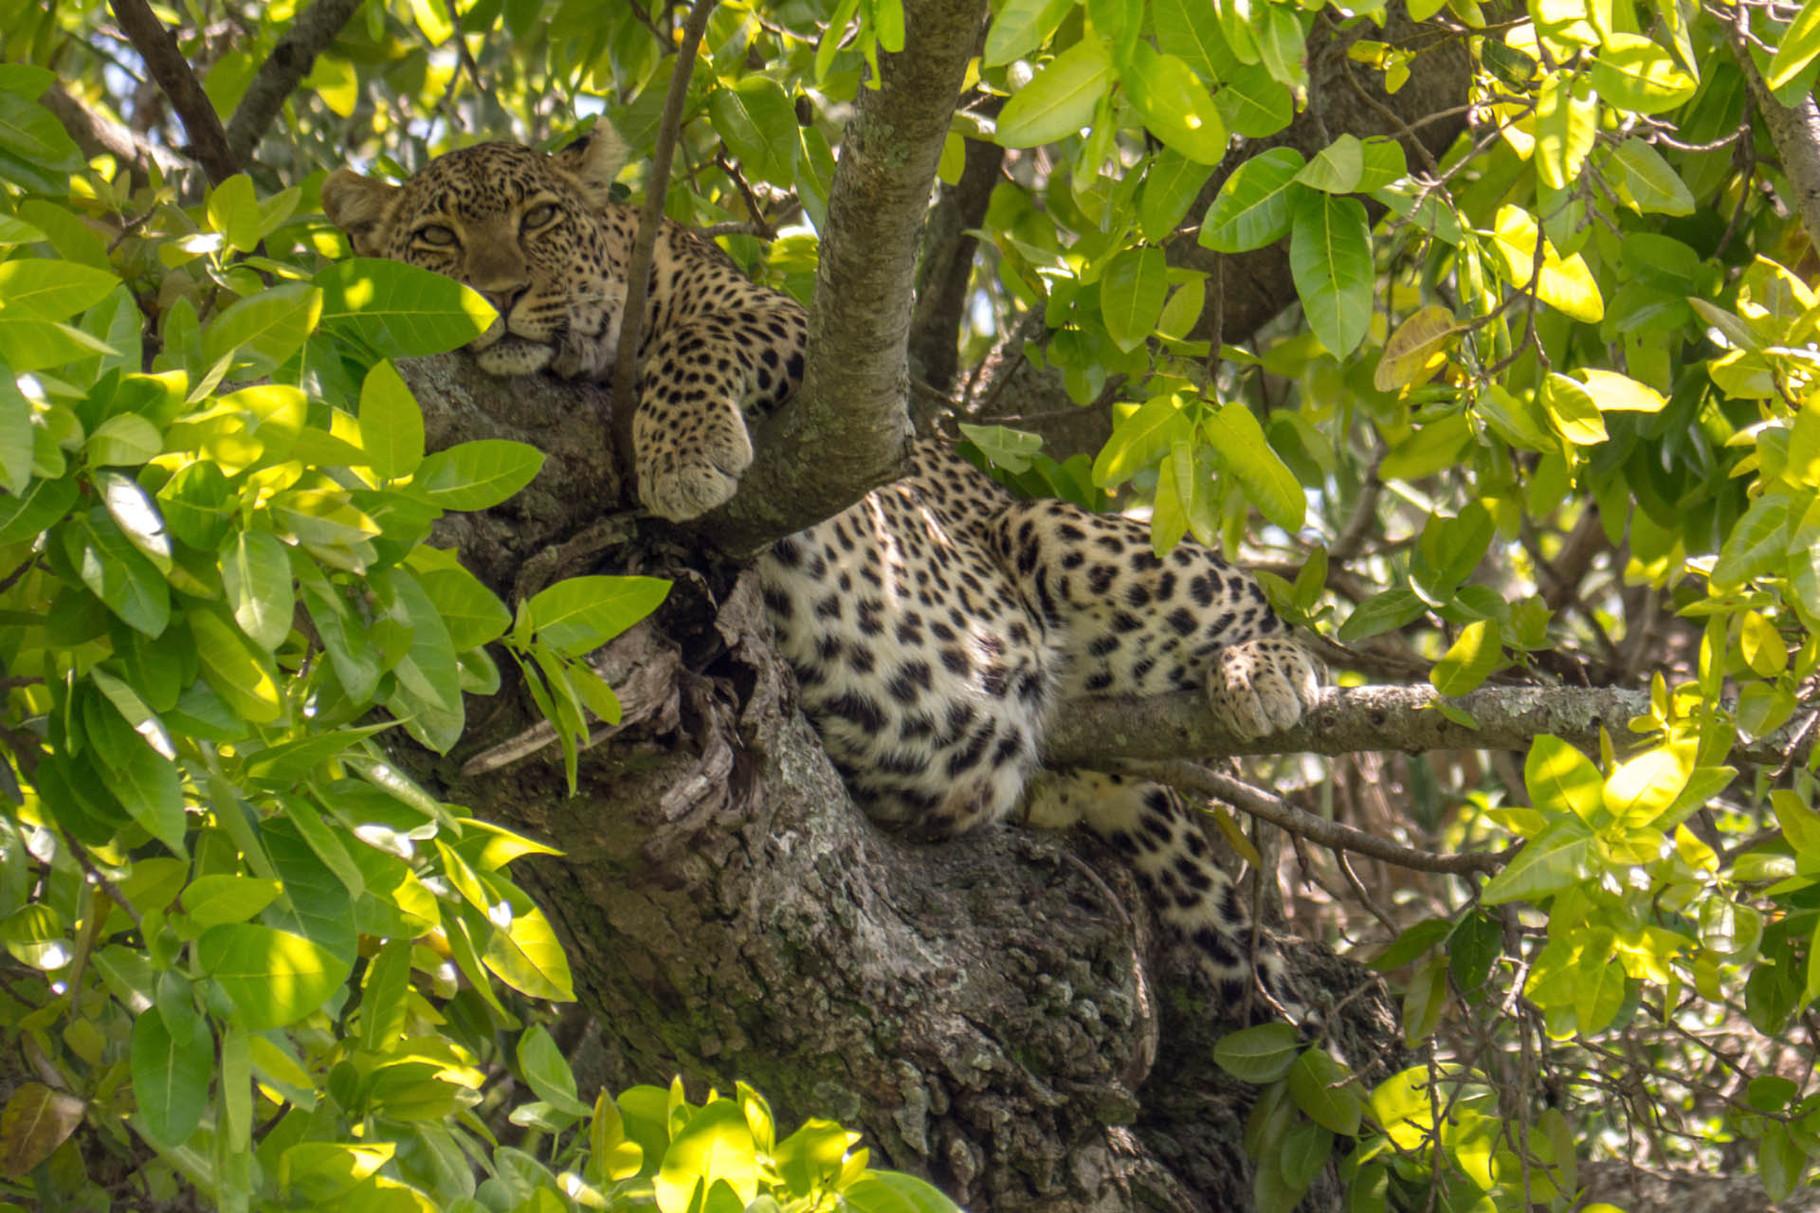 Leopard [Serengeti, Tanzania, 2015]